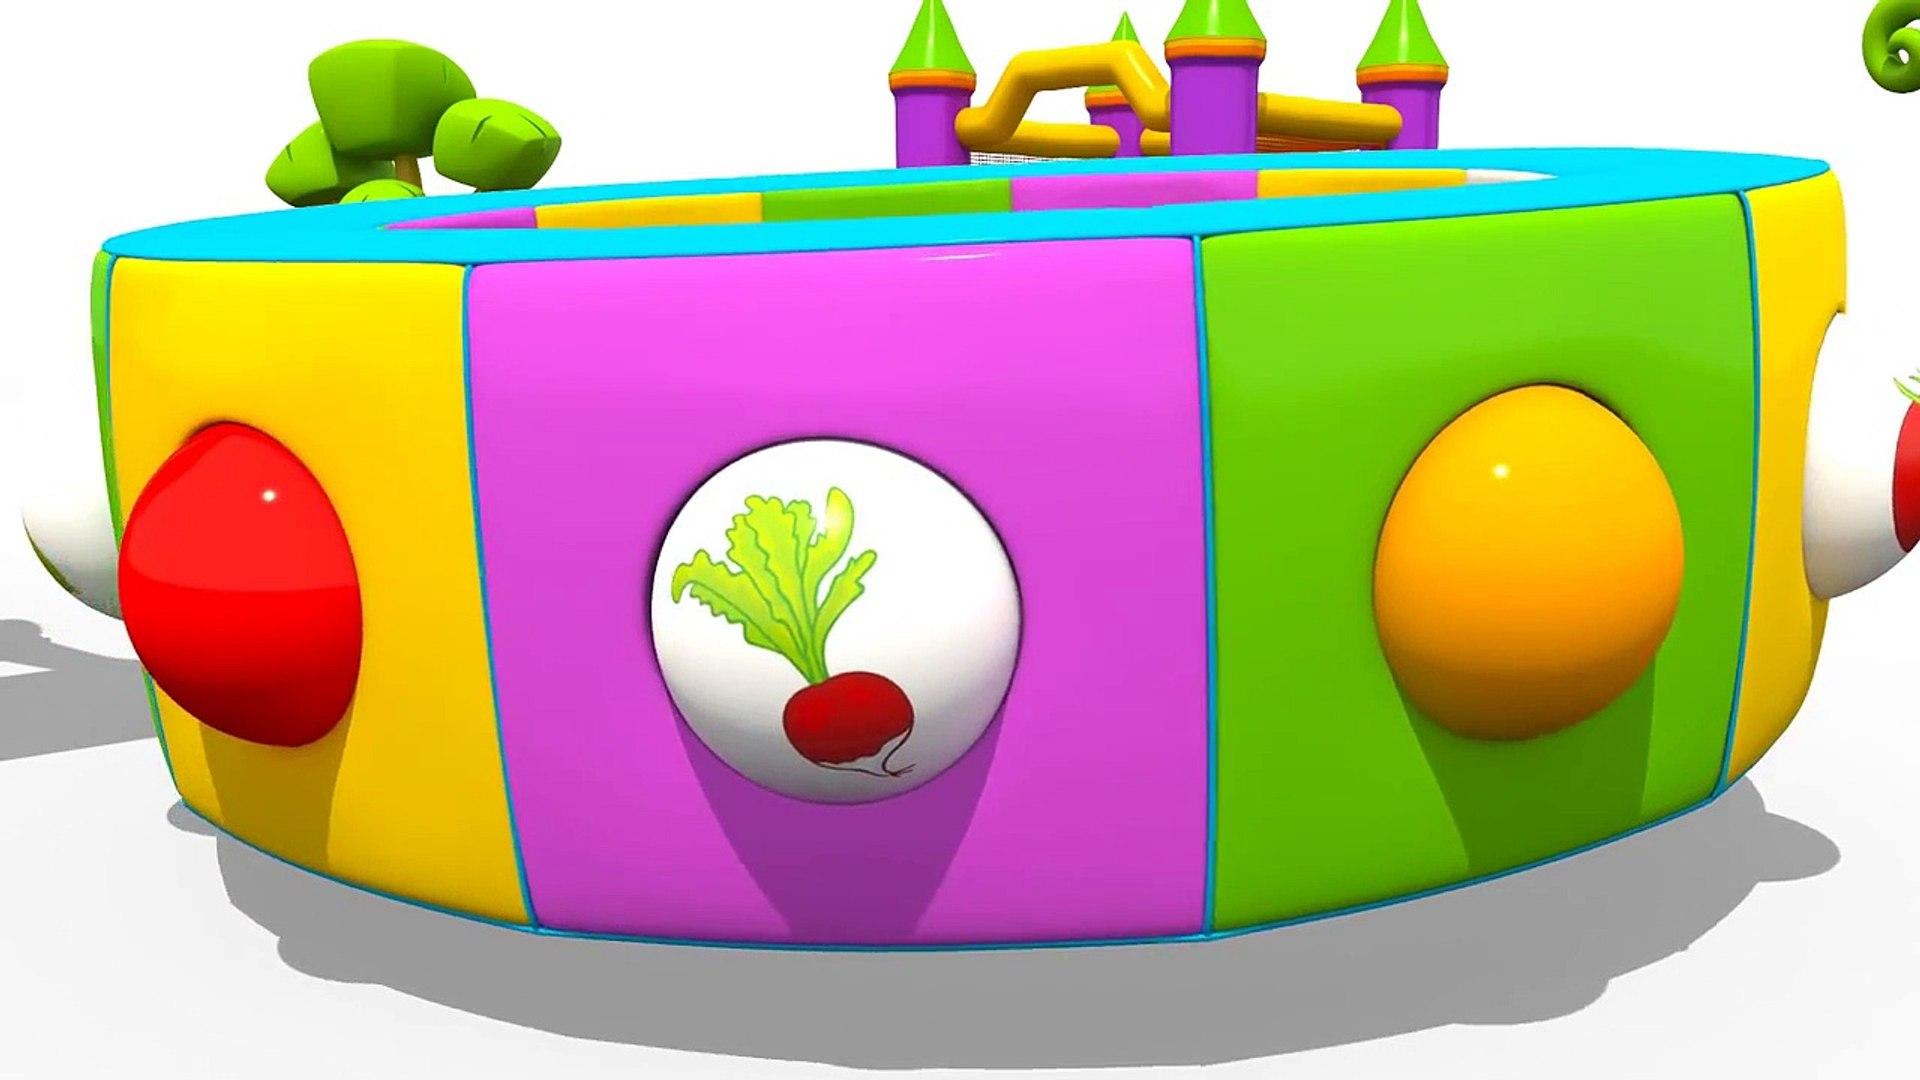 Мультик про Экскаватор Масю и Грузовичок Леву: Веселая Карусель овощи для детей